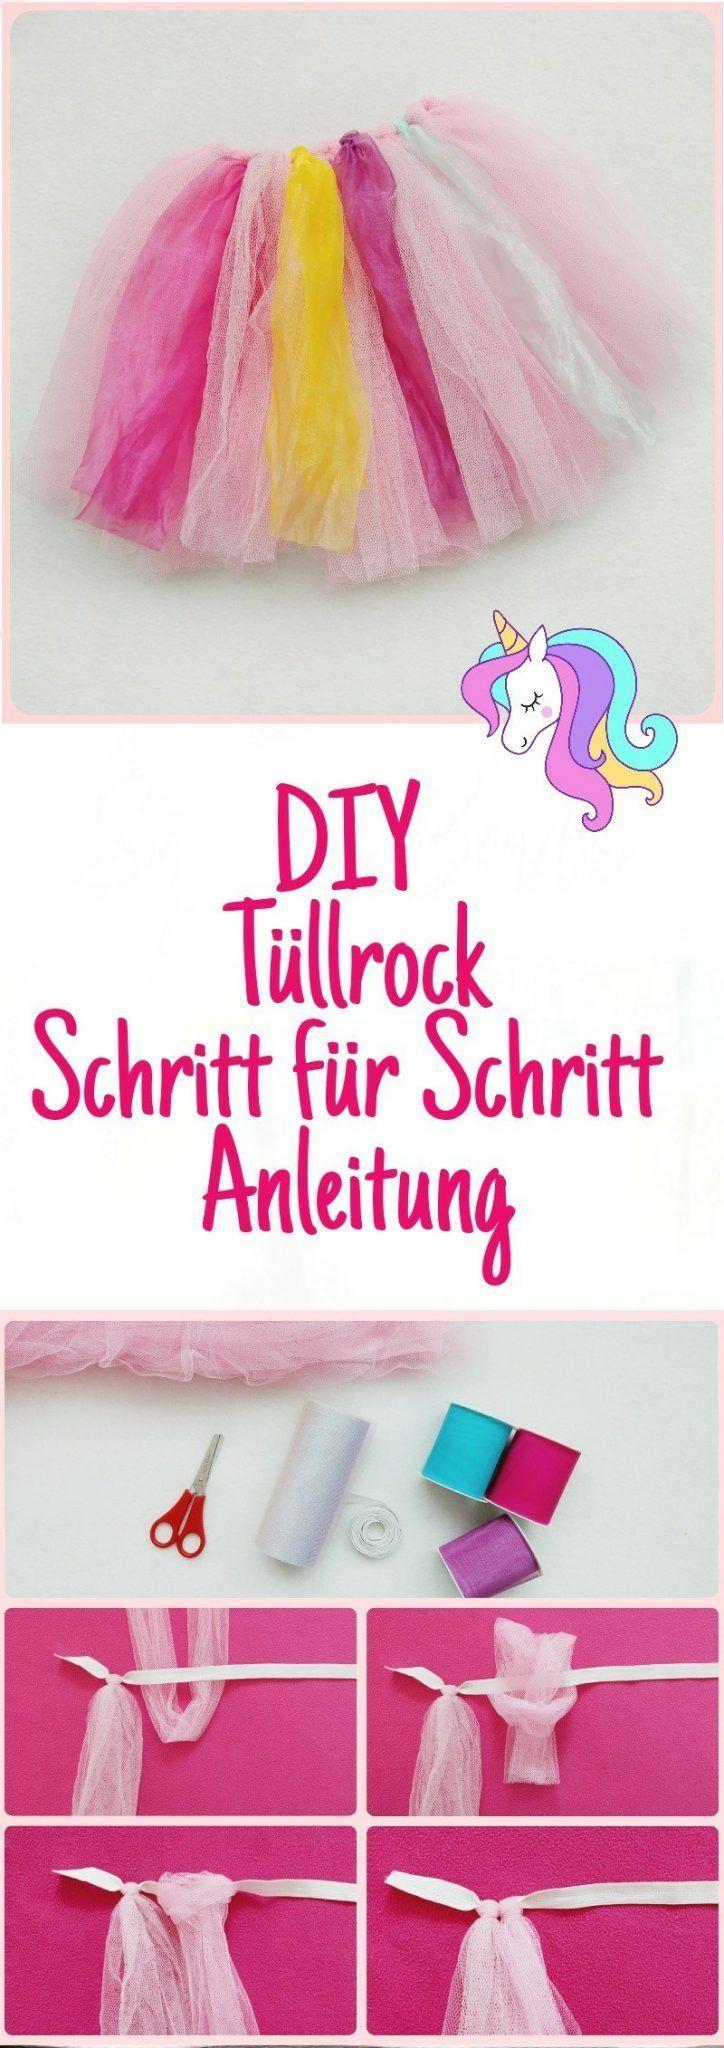 Photo of Einhorn Kostüm für Kinder selber machen – Teil 2 – DIY Einhorn Rock – ohne nähen – kleinliebchen